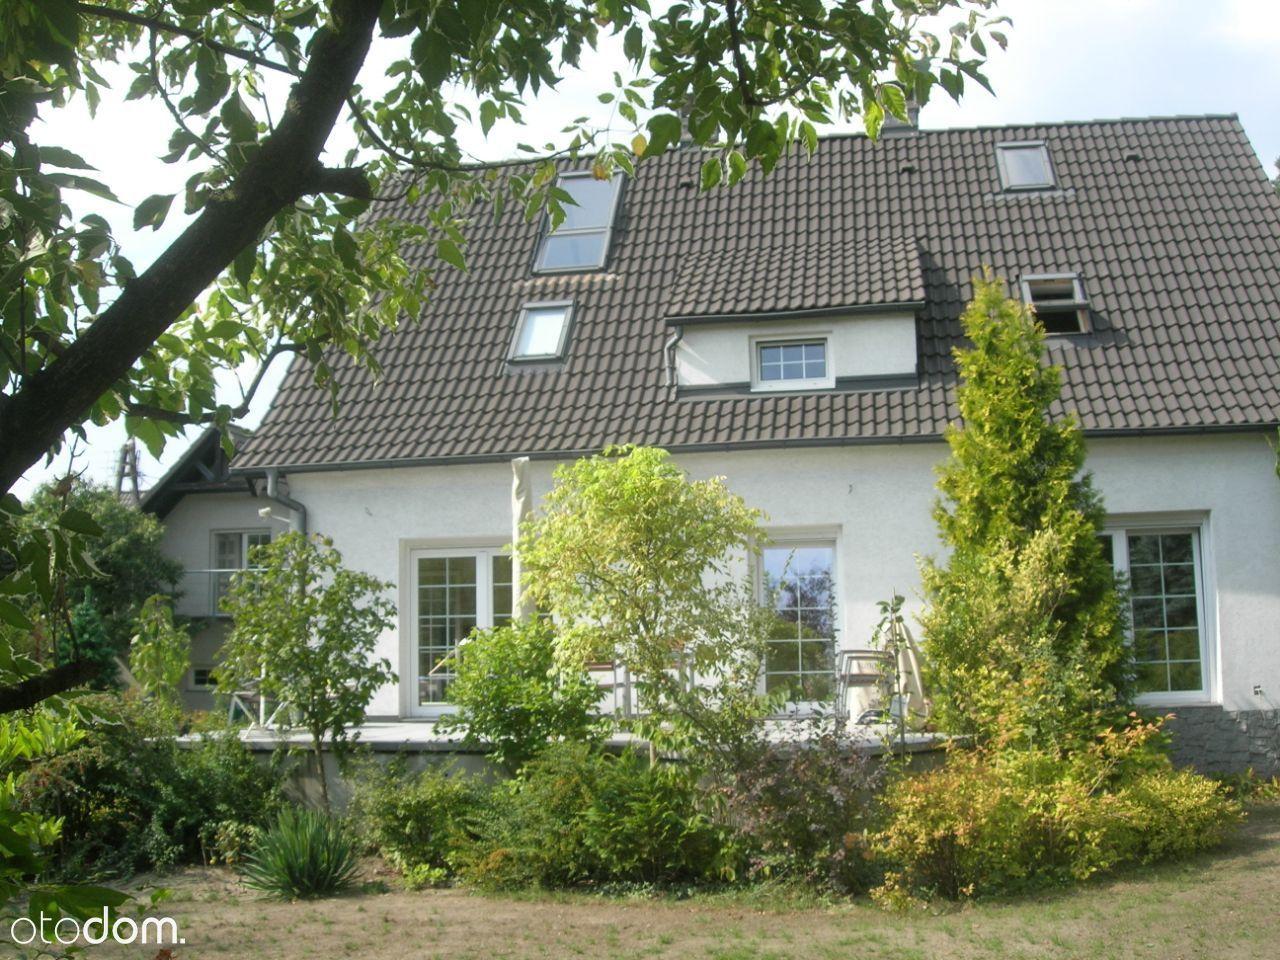 Dom na sprzedaż, Oborniki Śląskie, trzebnicki, dolnośląskie - Foto 1